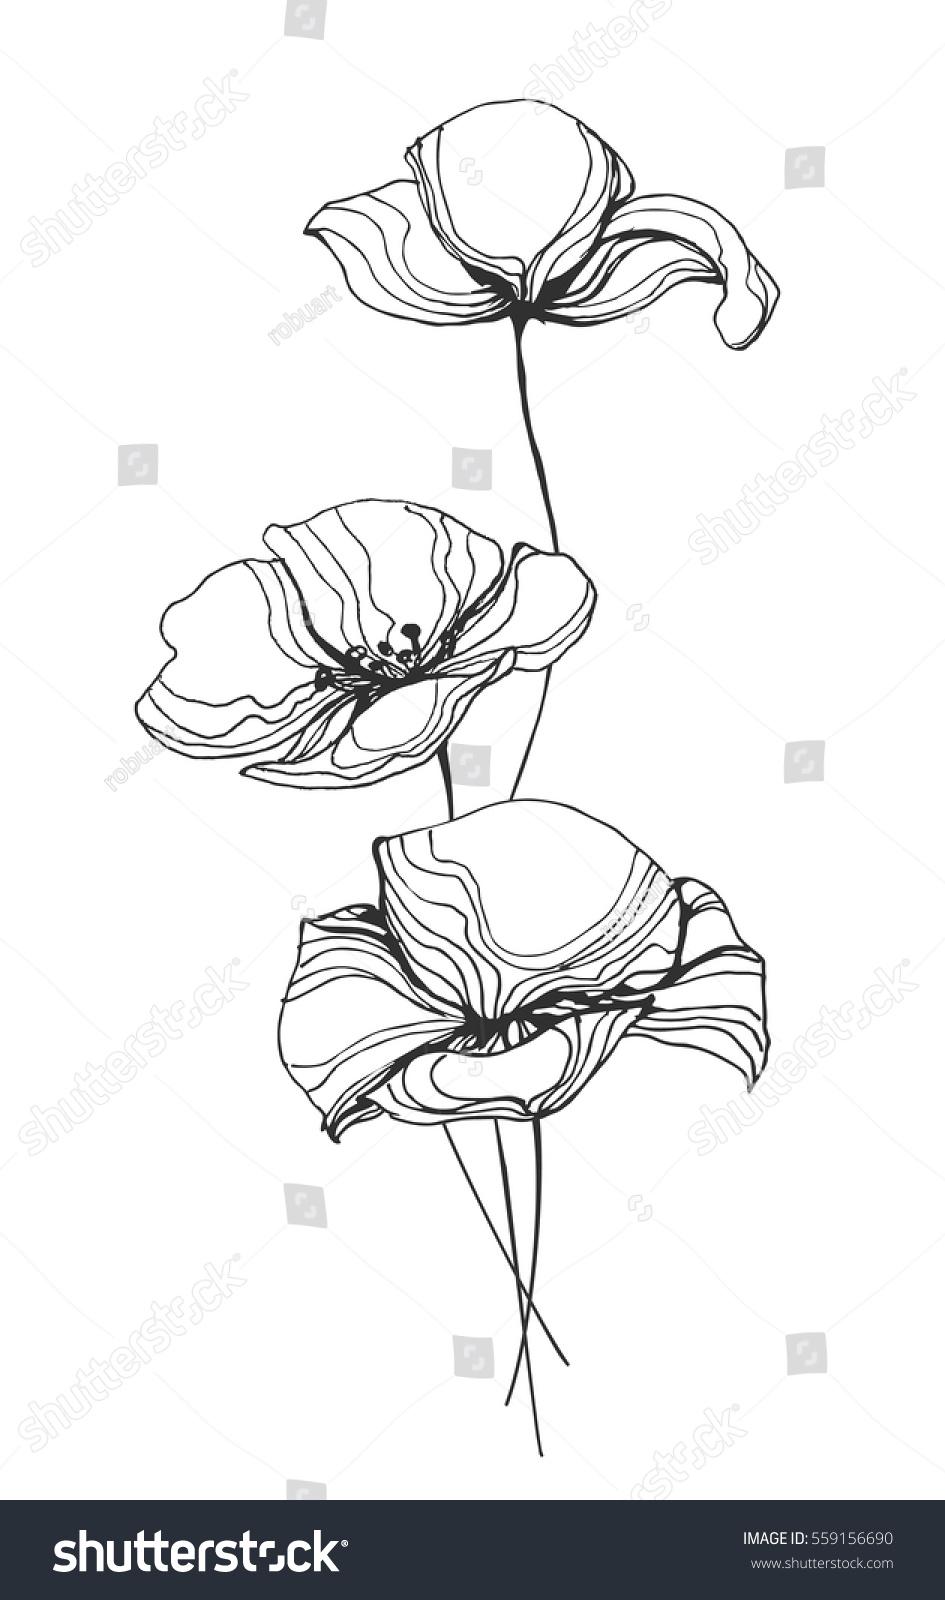 Line Art Flower Illustration : Field poppy flowers line art vector stock